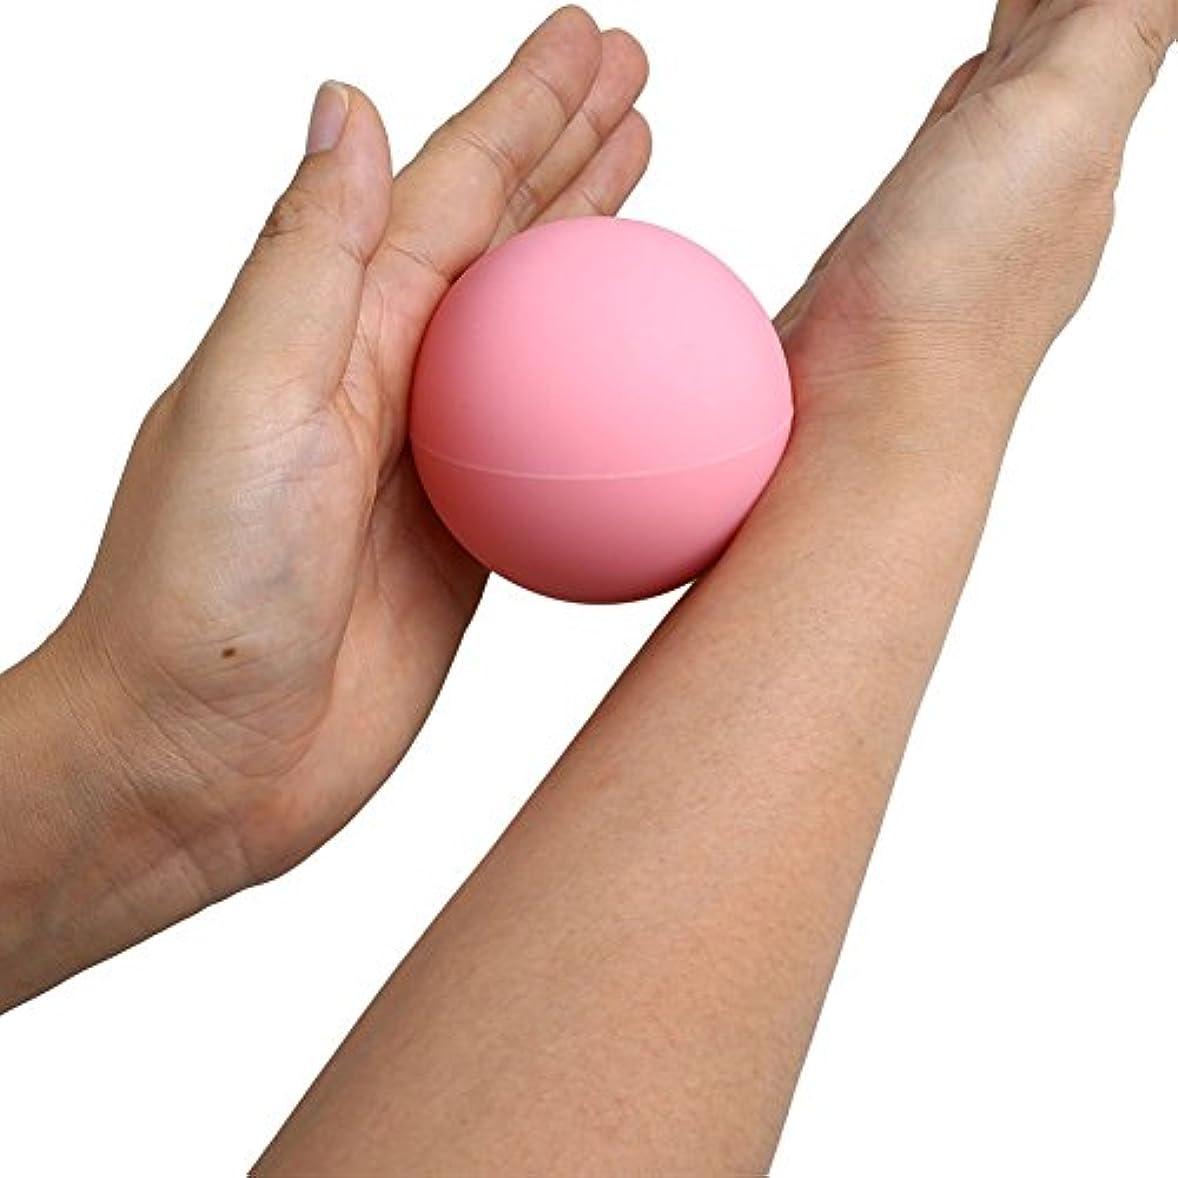 内なる仕事ヒールMSmask ラクロスマッサージボール 筋筋膜トリガーポイント リリース ジムのヨガ